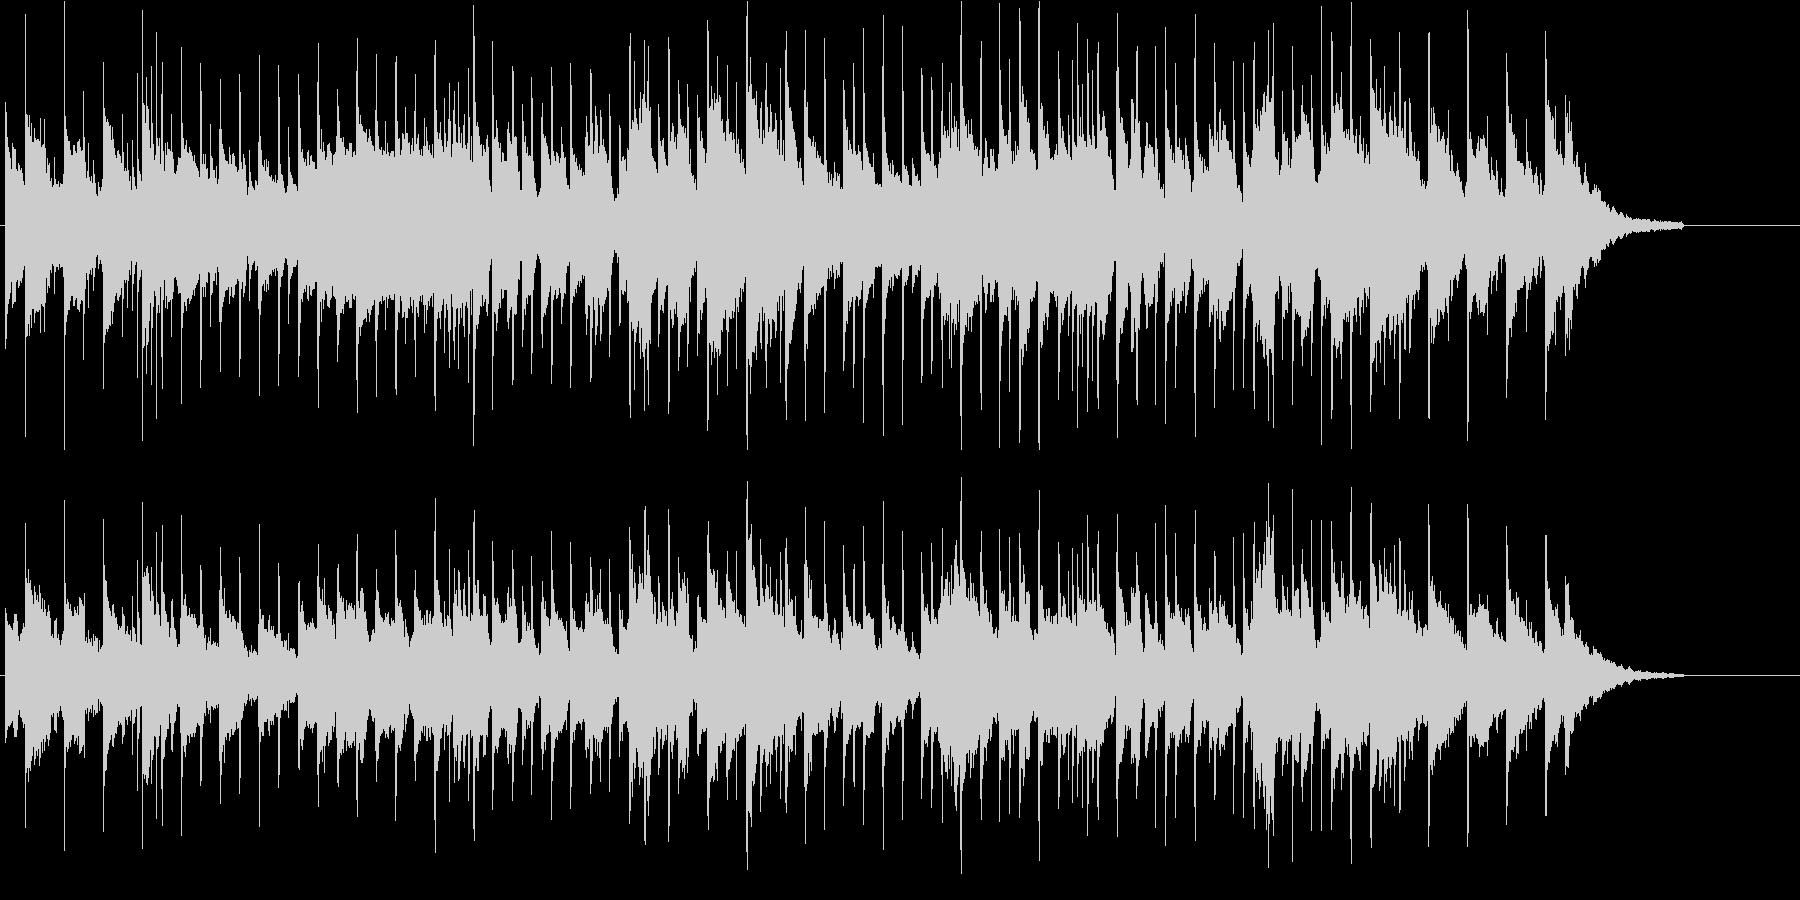 あやしい 神秘 不安 不思議 サスペンスの未再生の波形